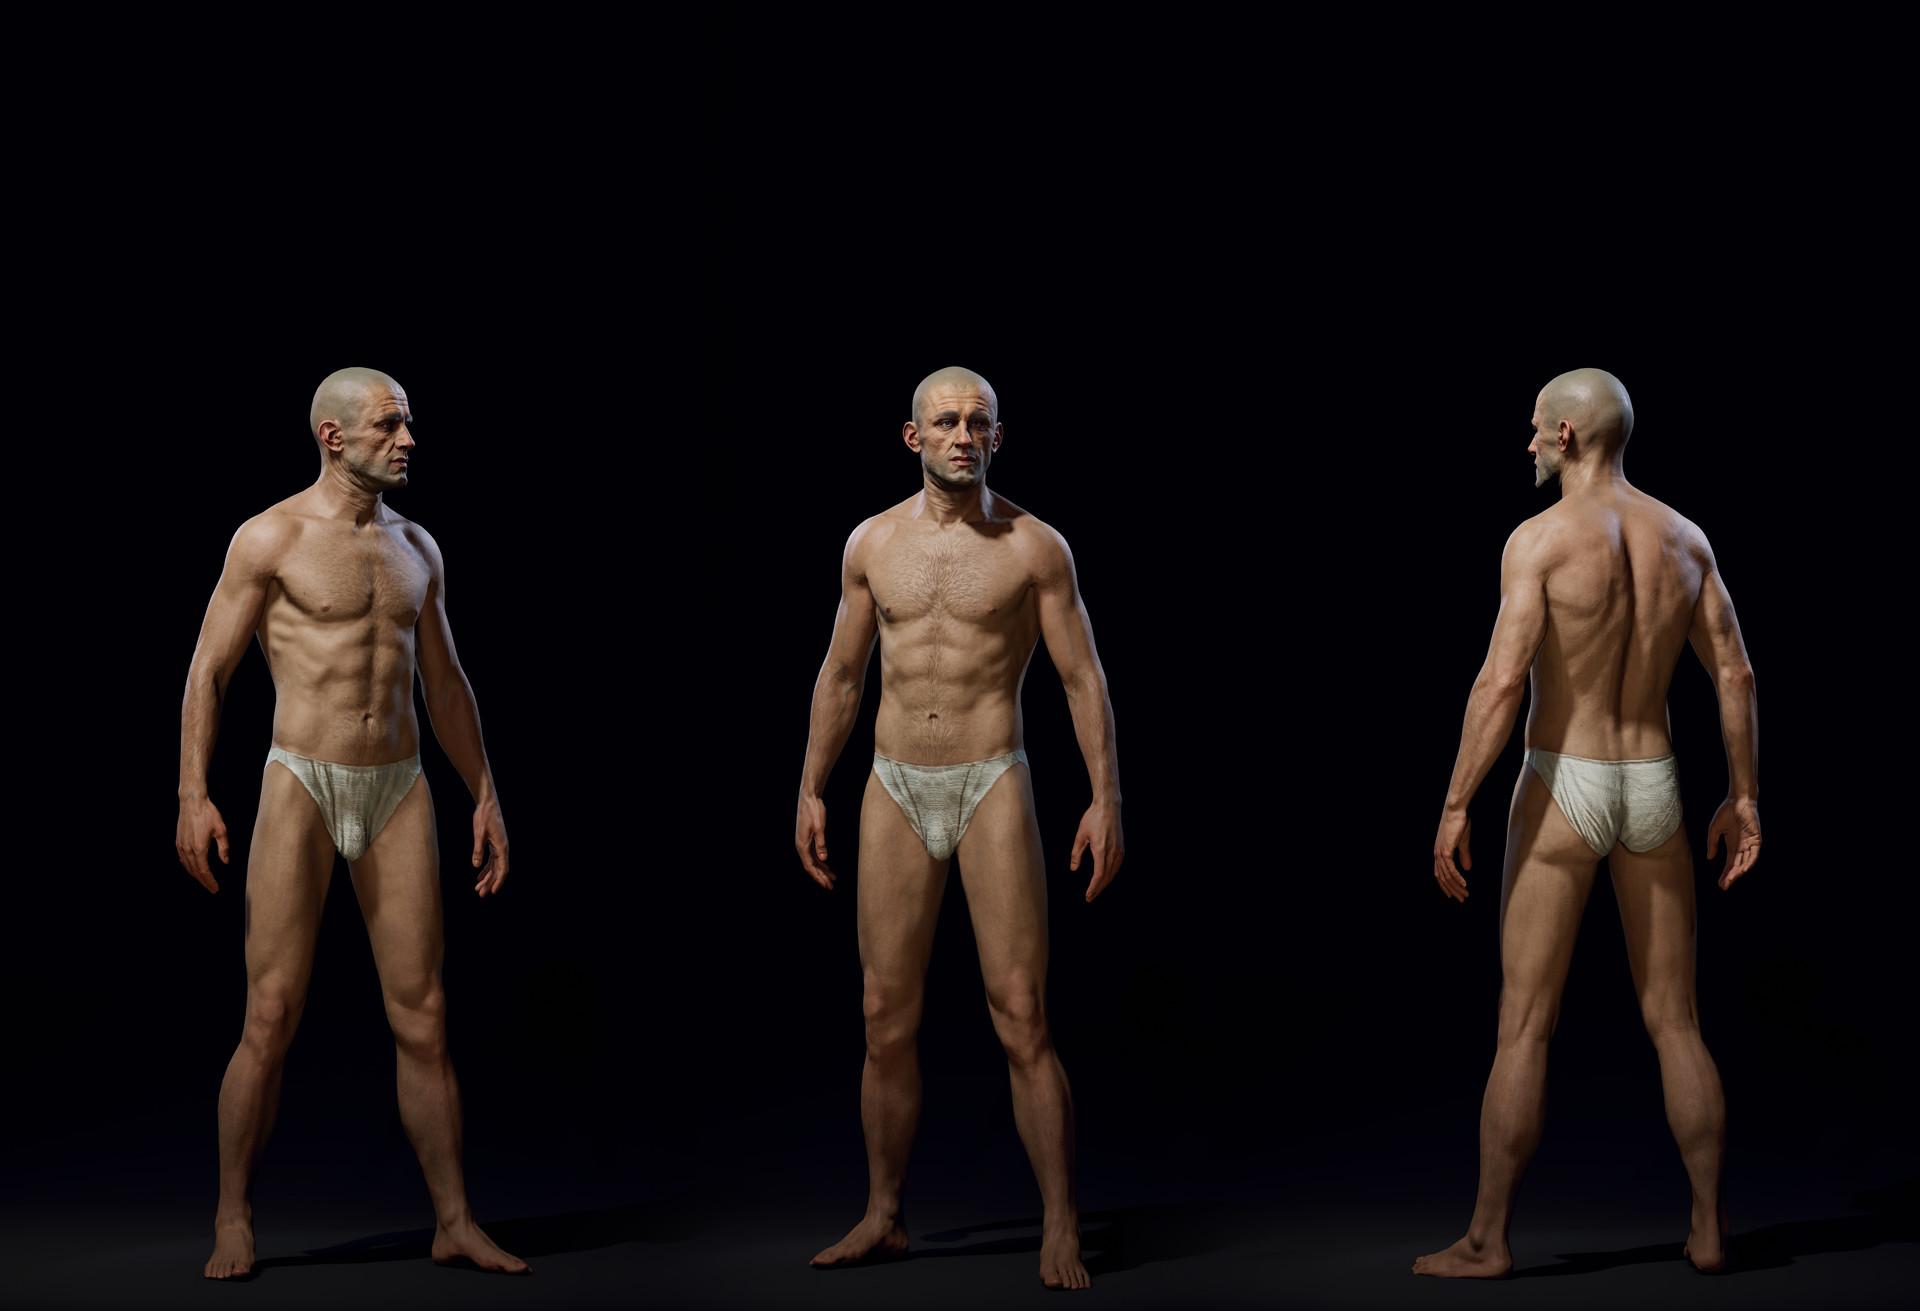 Mathieu goulet average body